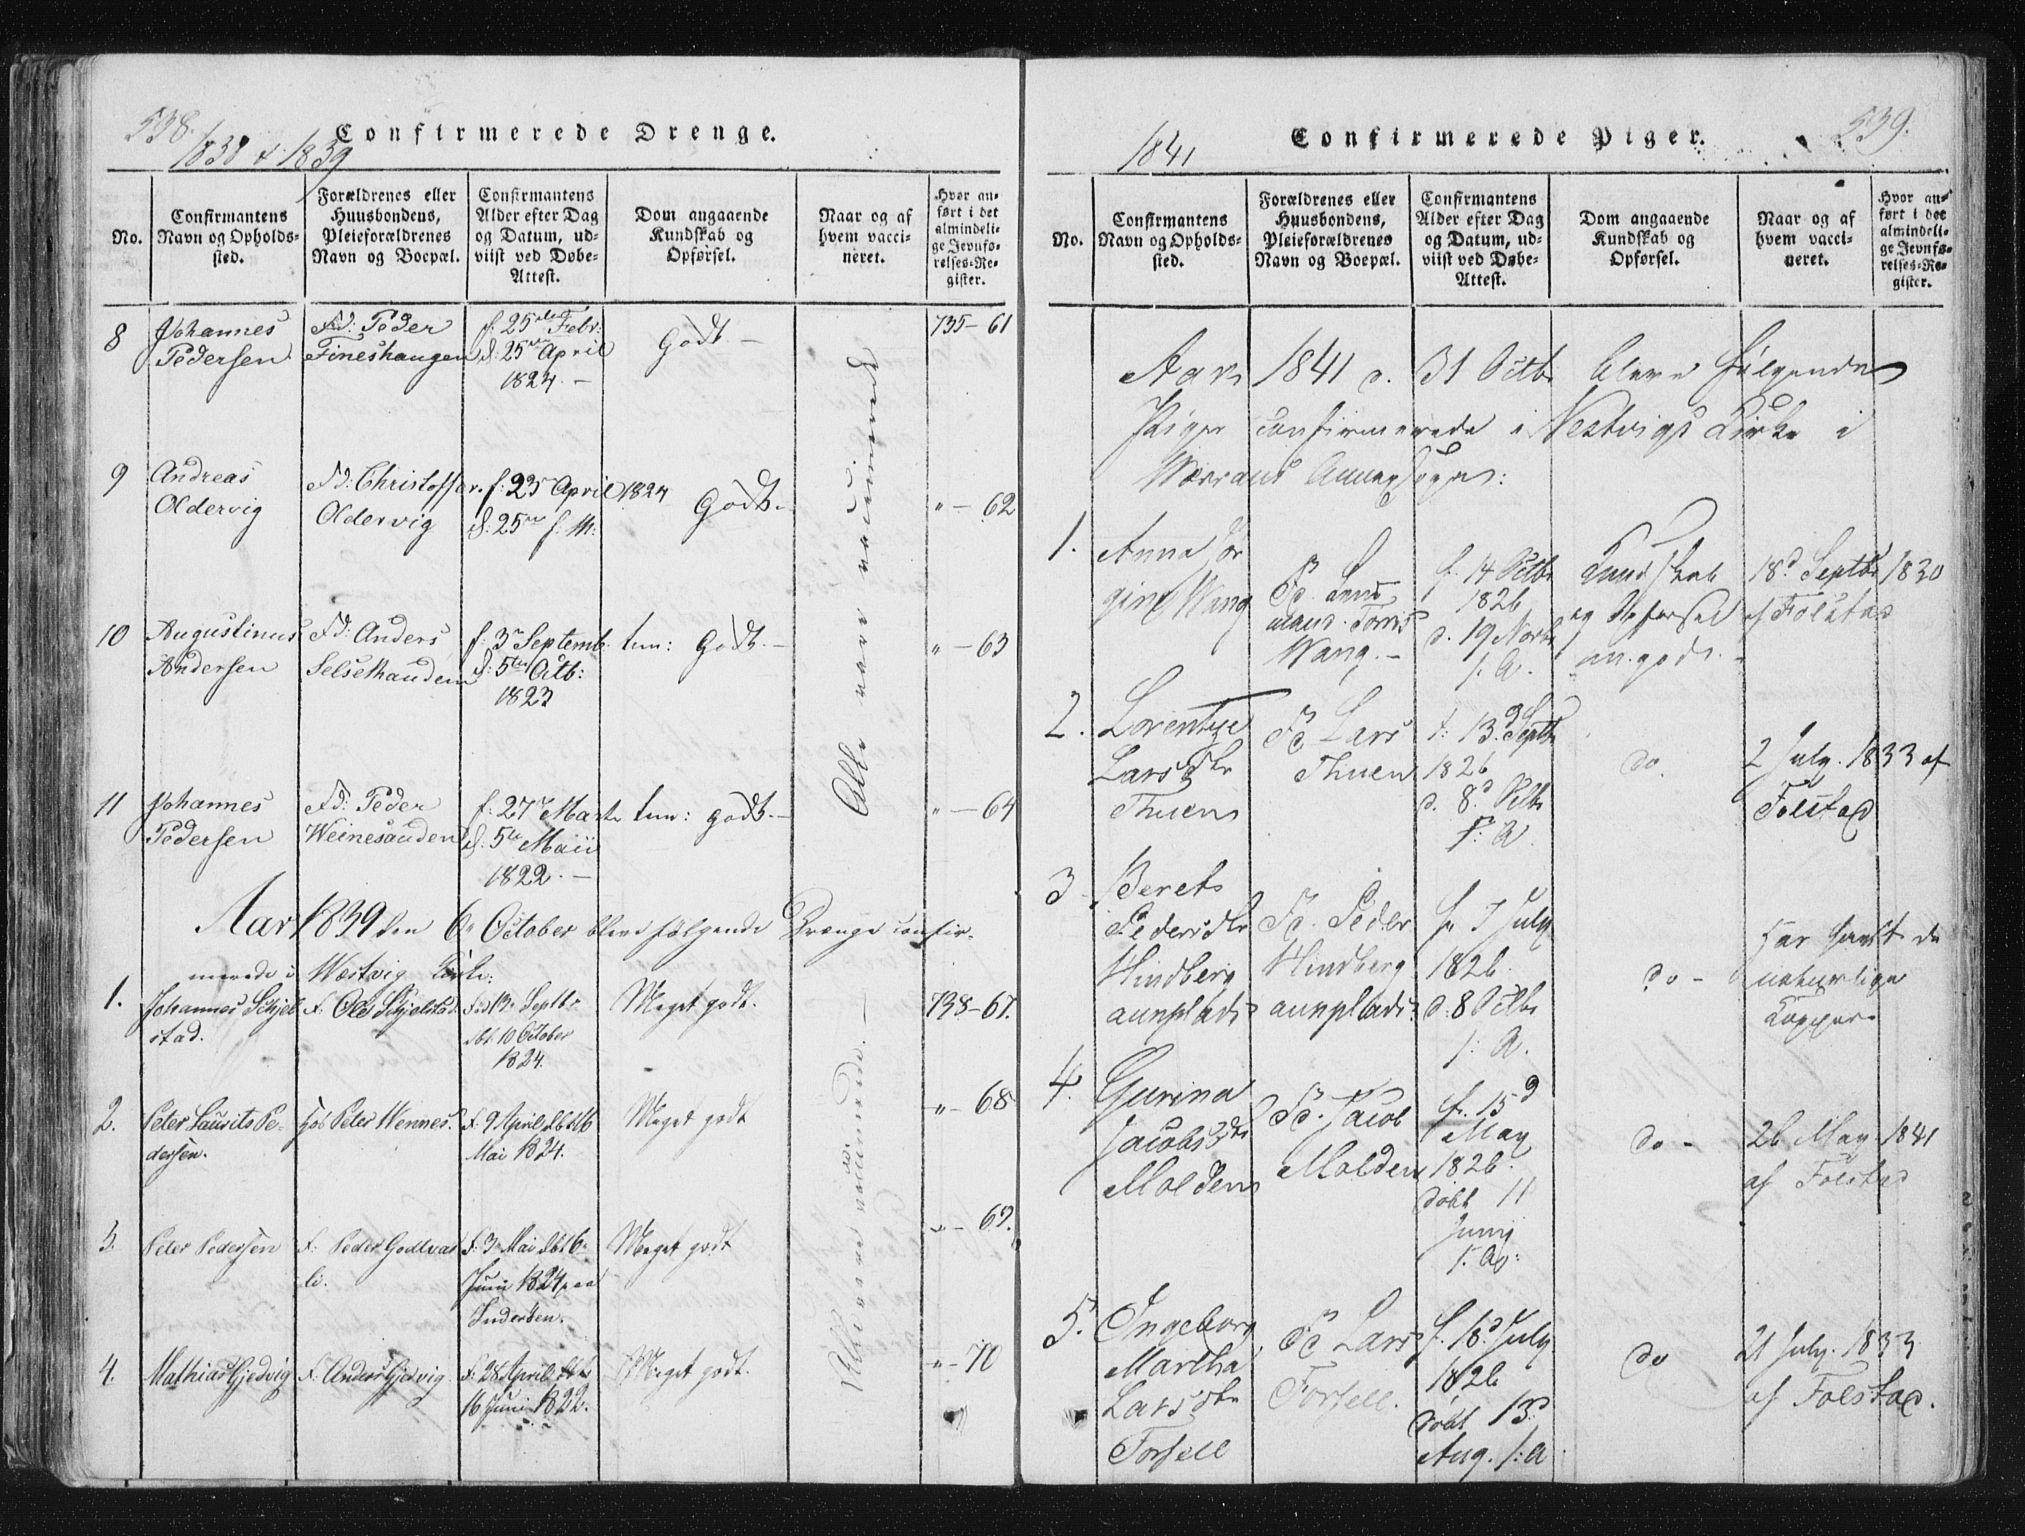 SAT, Ministerialprotokoller, klokkerbøker og fødselsregistre - Nord-Trøndelag, 744/L0417: Ministerialbok nr. 744A01, 1817-1842, s. 538-539